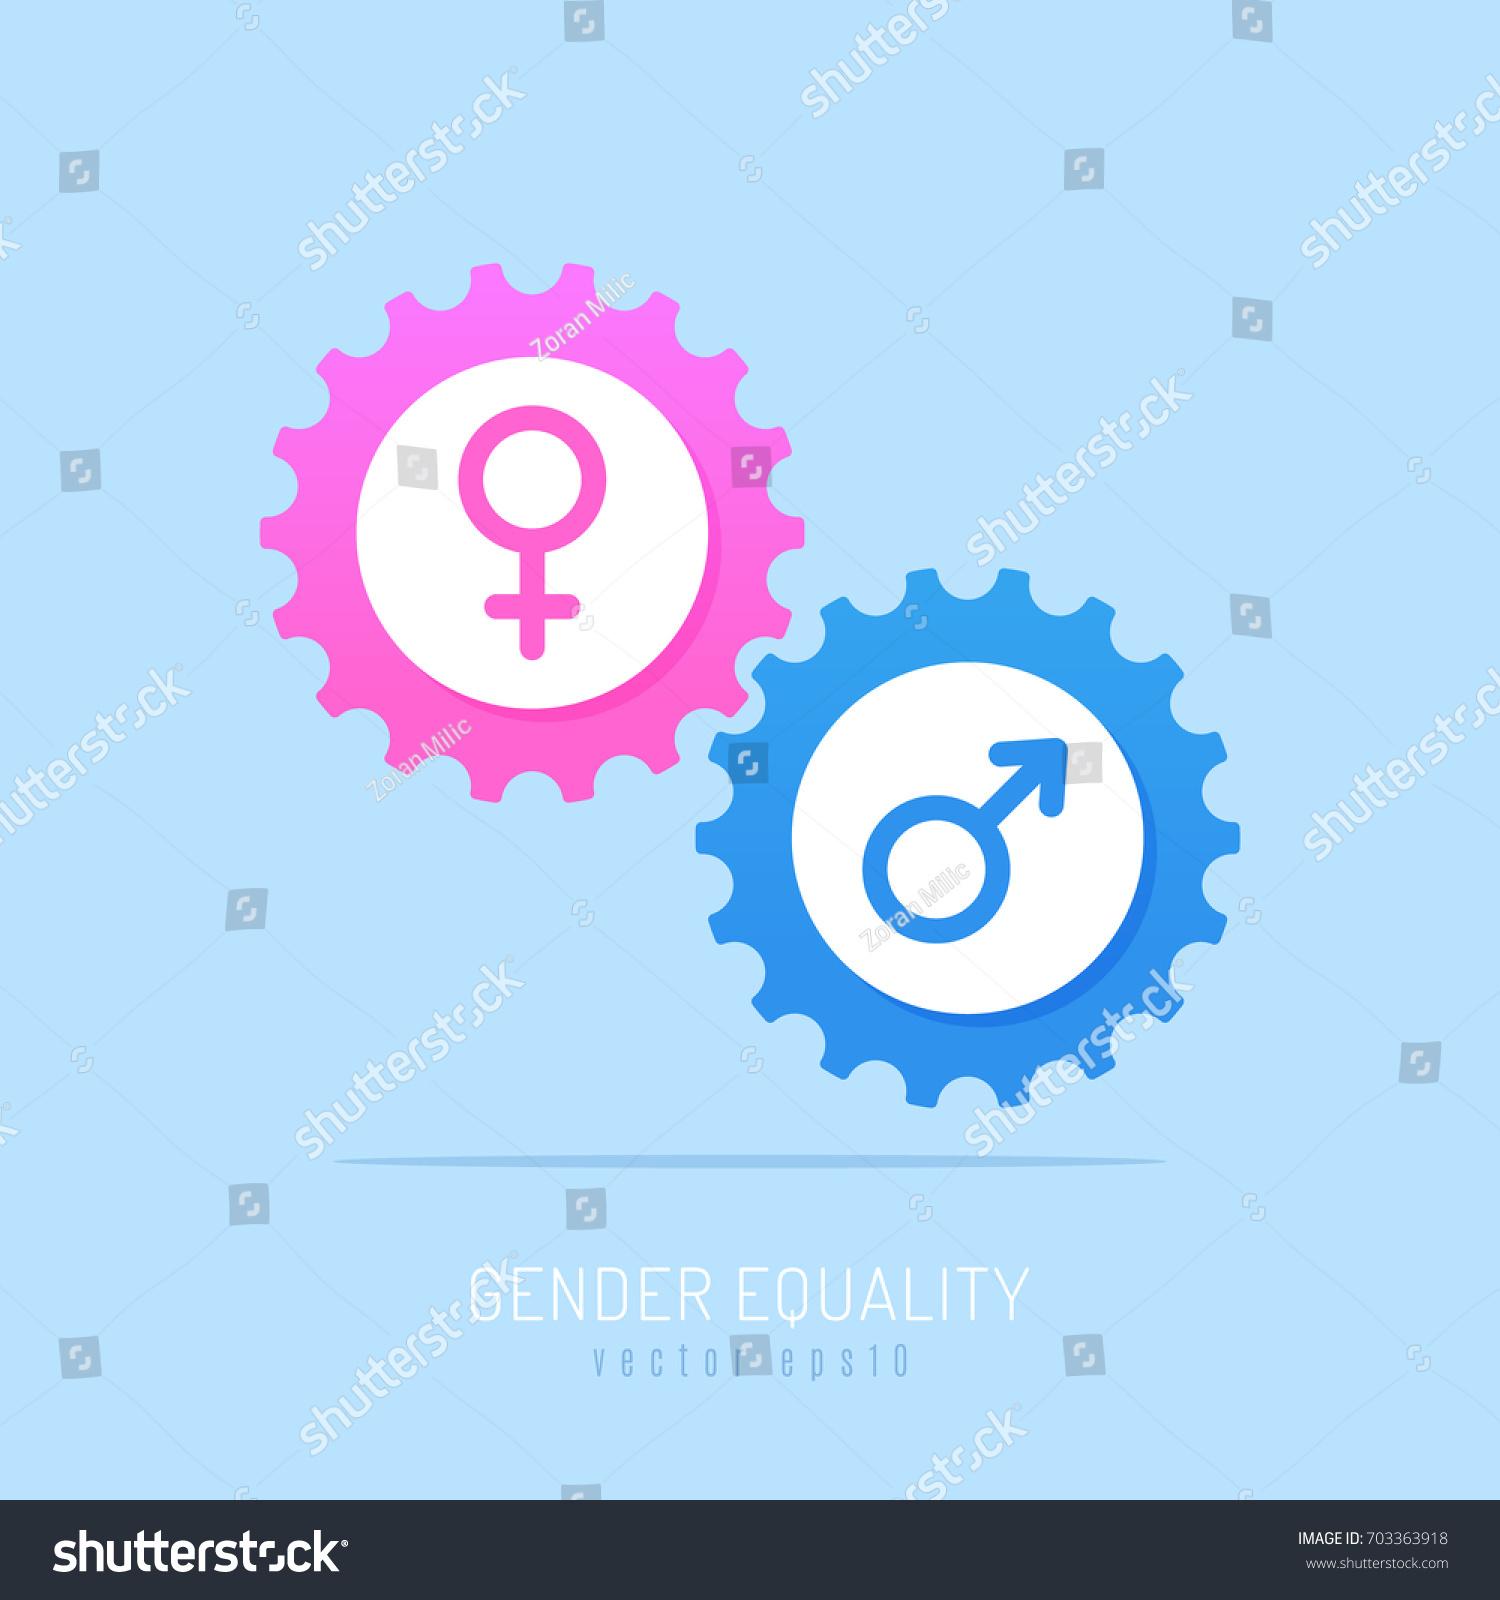 Gear Mechanism Pink Blue Gears Male Stock Vector 2018 703363918